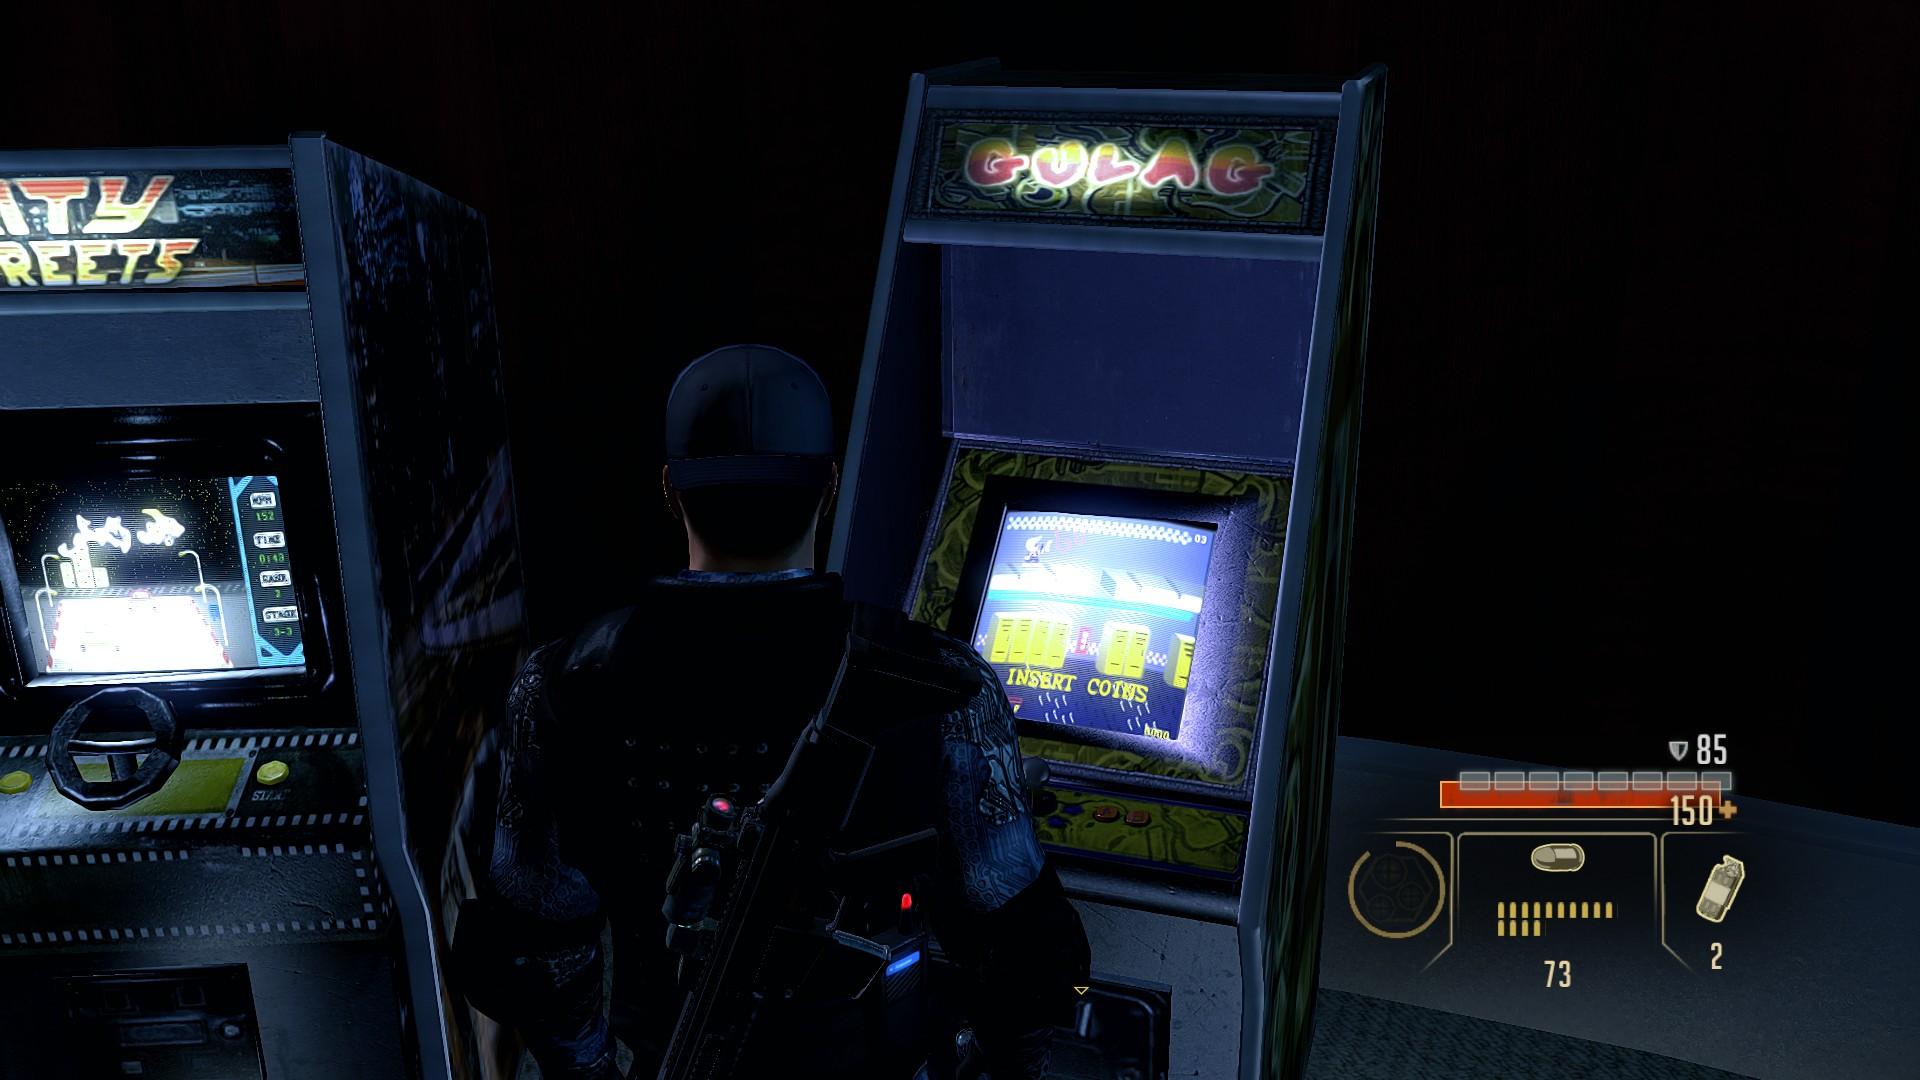 Powered by bbpress онлайн флэш игровые автоматы бесплатно игровые аппараты игры на комп бесплатно